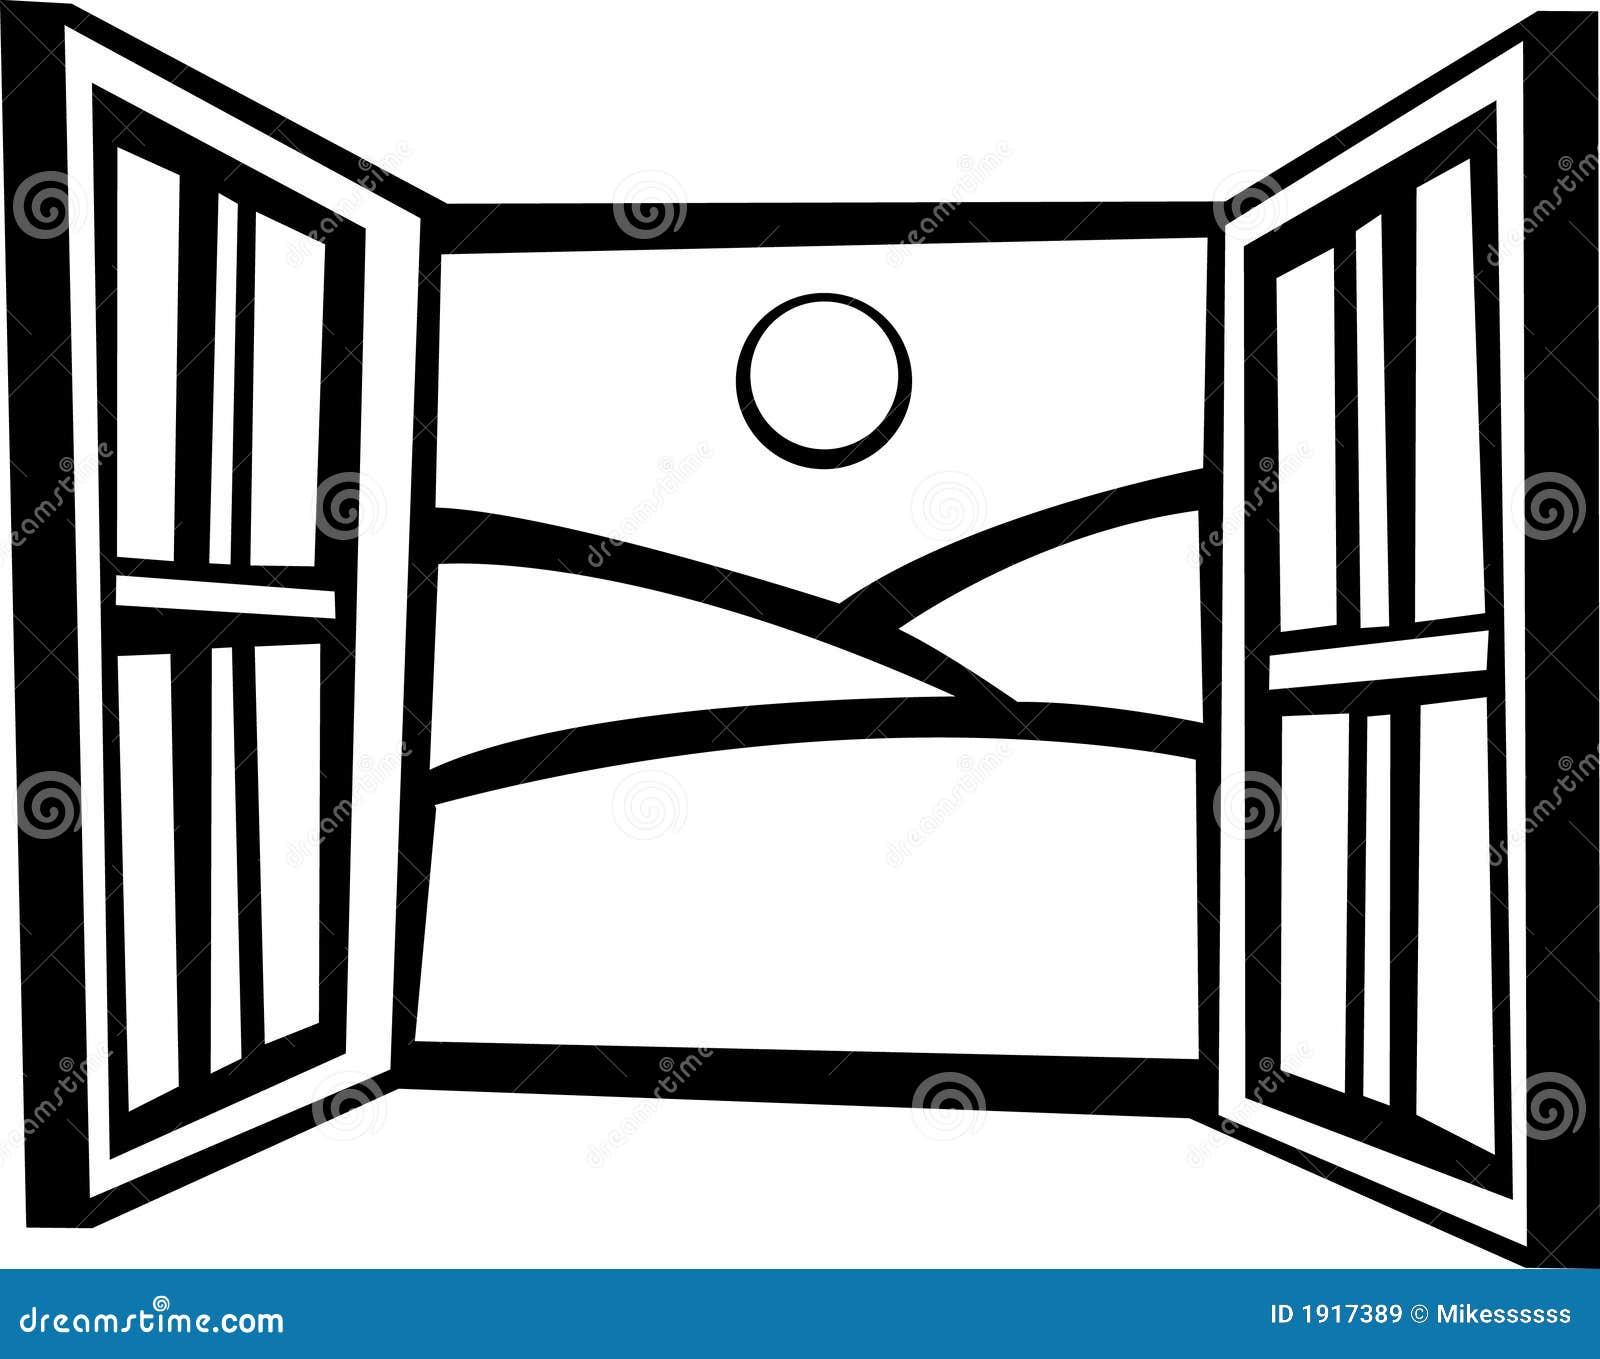 Fenster clipart schwarz weiß  Geöffnetes Fenster Lizenzfreie Stockbilder - Bild: 1917389